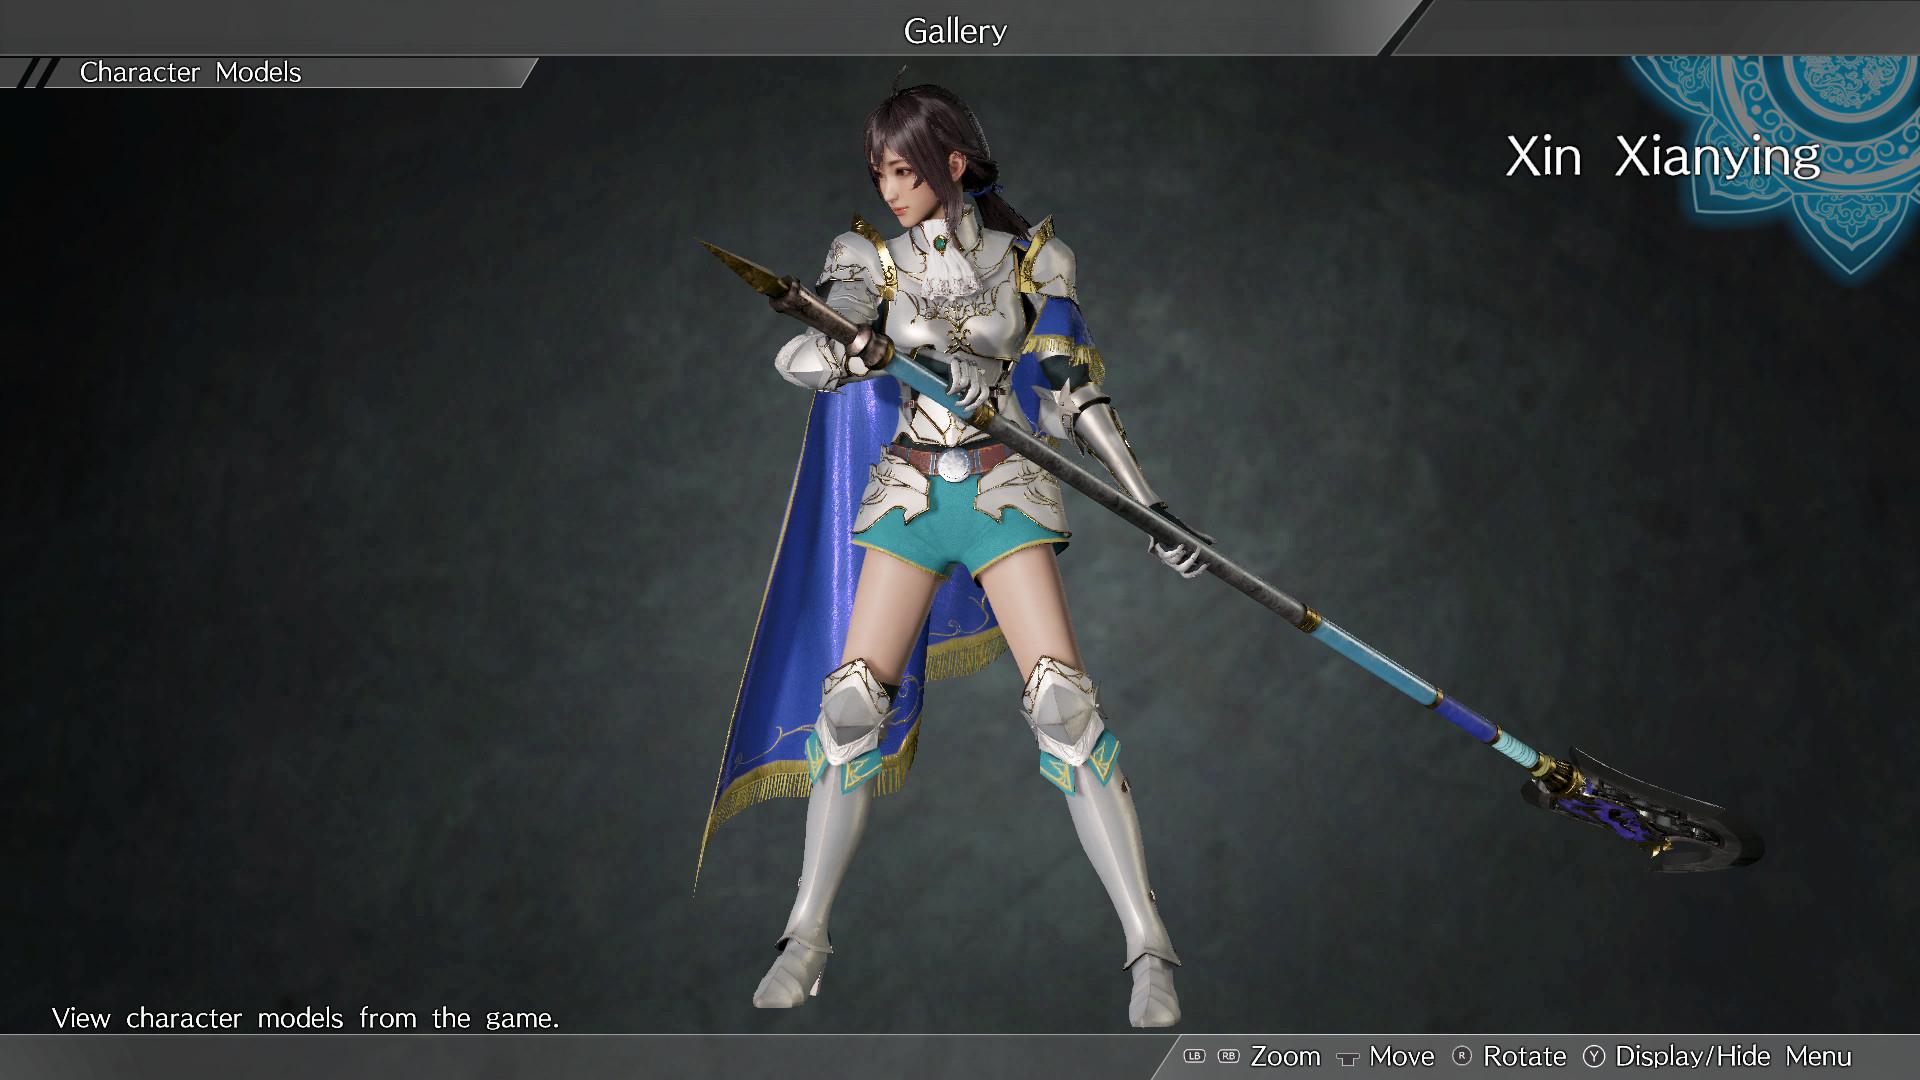 """DYNASTY WARRIORS 9: Xin Xianying """"Knight Costume"""" / 辛憲英「騎士風コスチューム」 screenshot"""